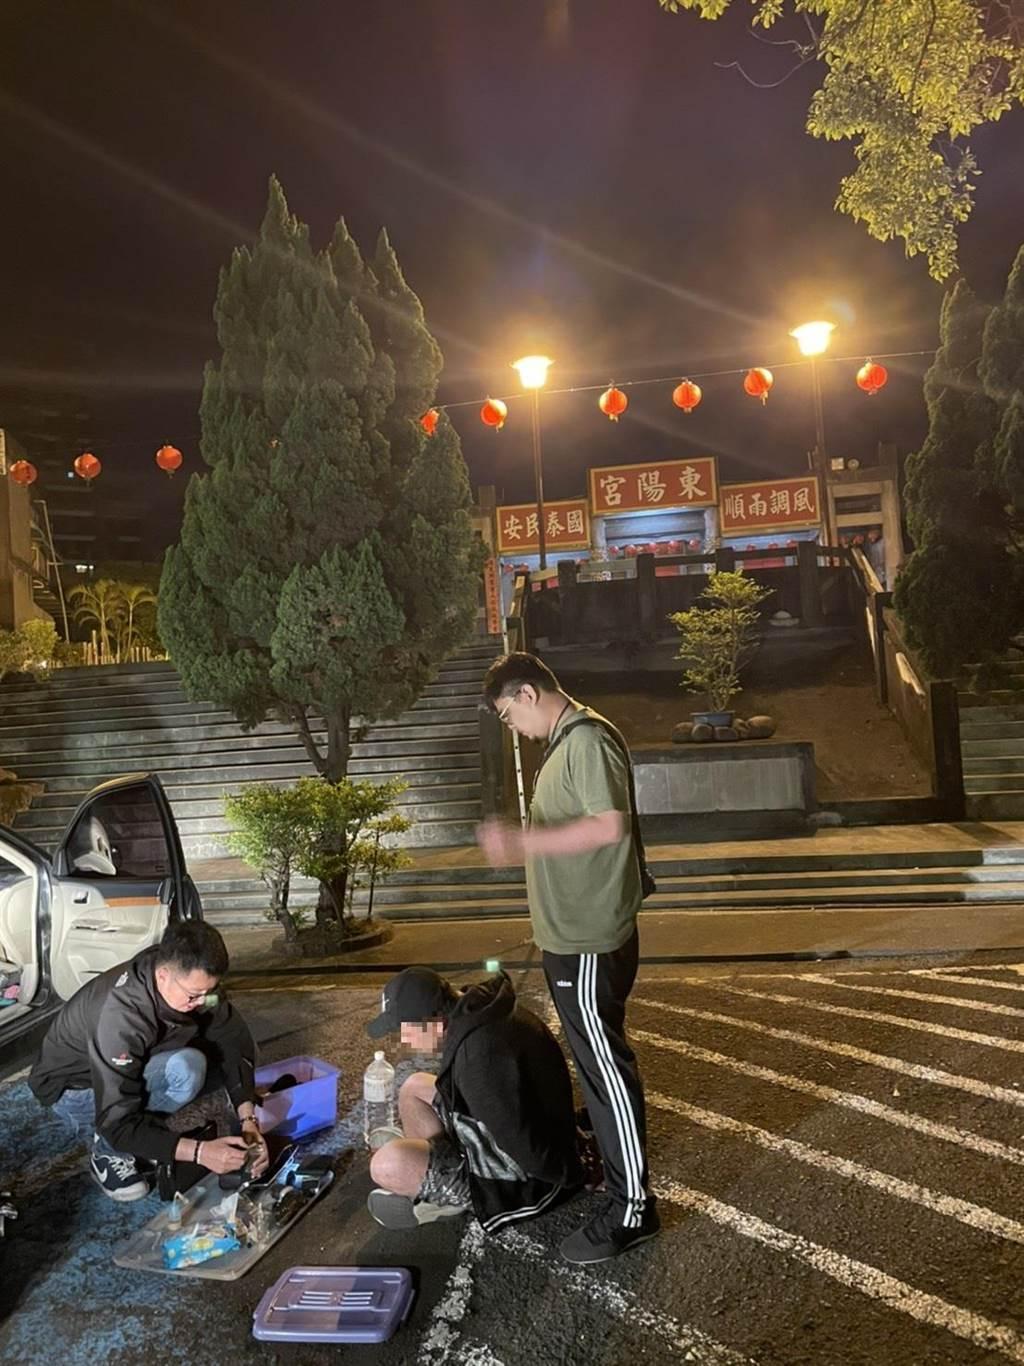 新北市中和警分局陳姓偵查佐服義務役時,在海軍陸戰隊服役退伍後從警,憑著優異的體力4月2日、6日接連破獲2起毒品案。(中和警分局提供)